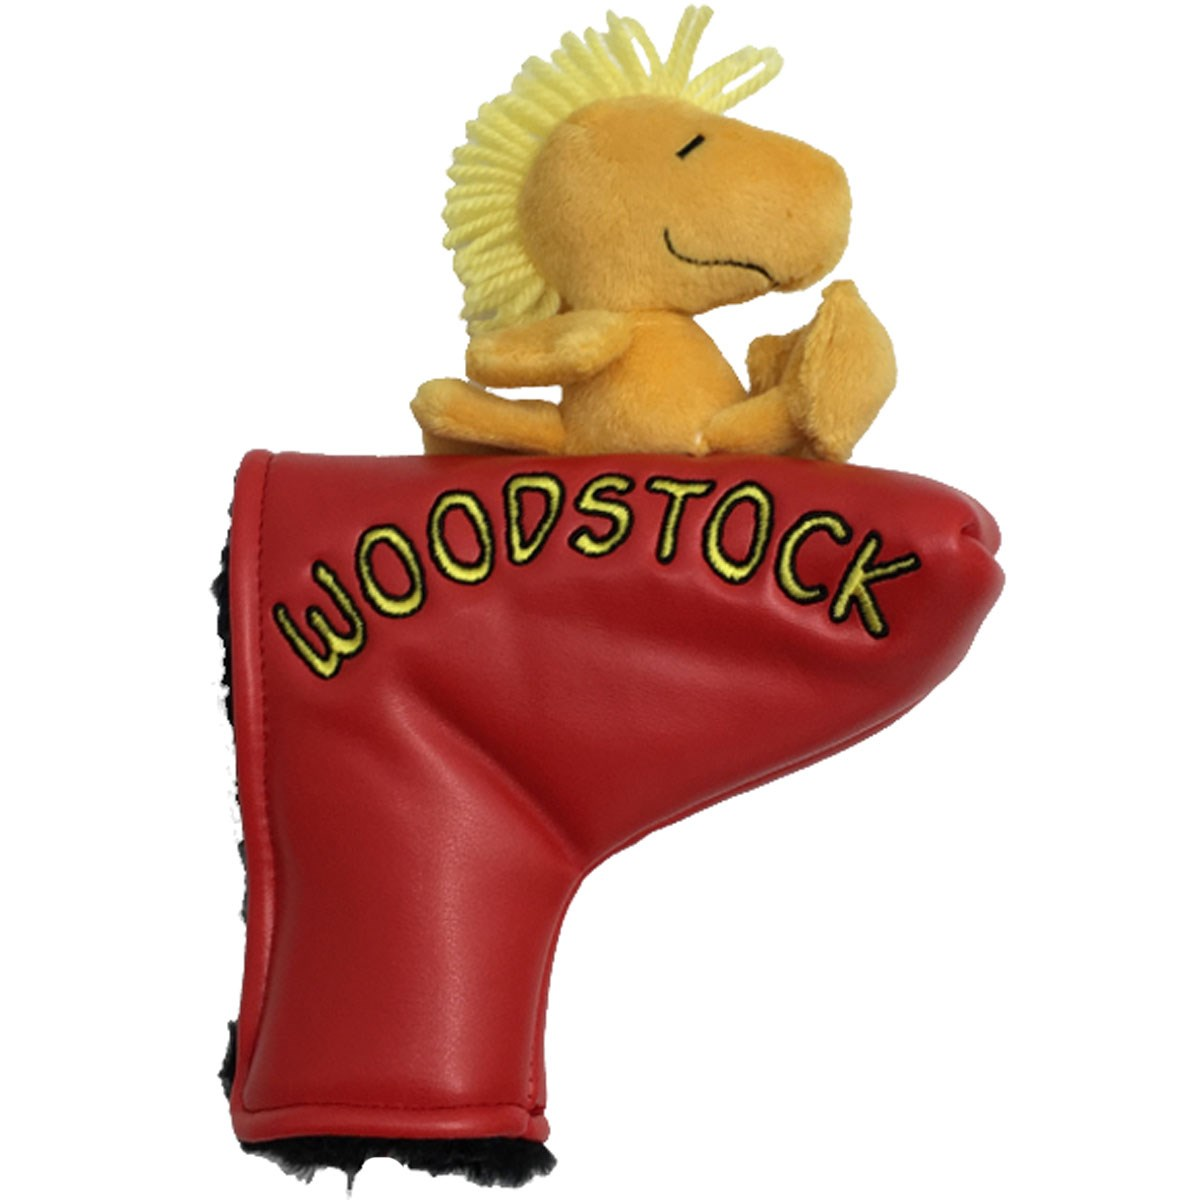 その他メーカー Woodstock パターカバー